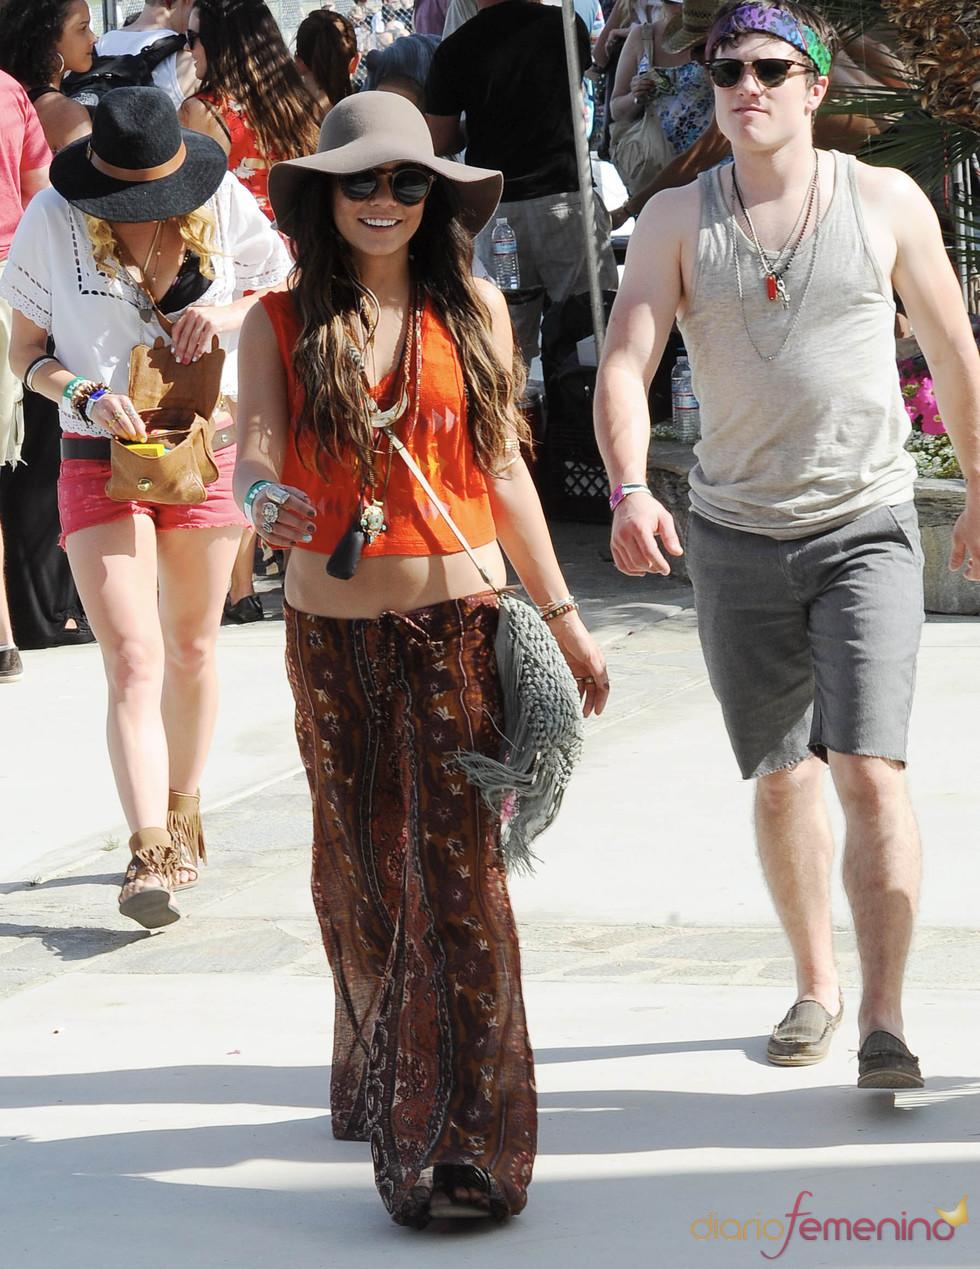 El look de Vanessa Hudgens en el Festival Coachella 2011